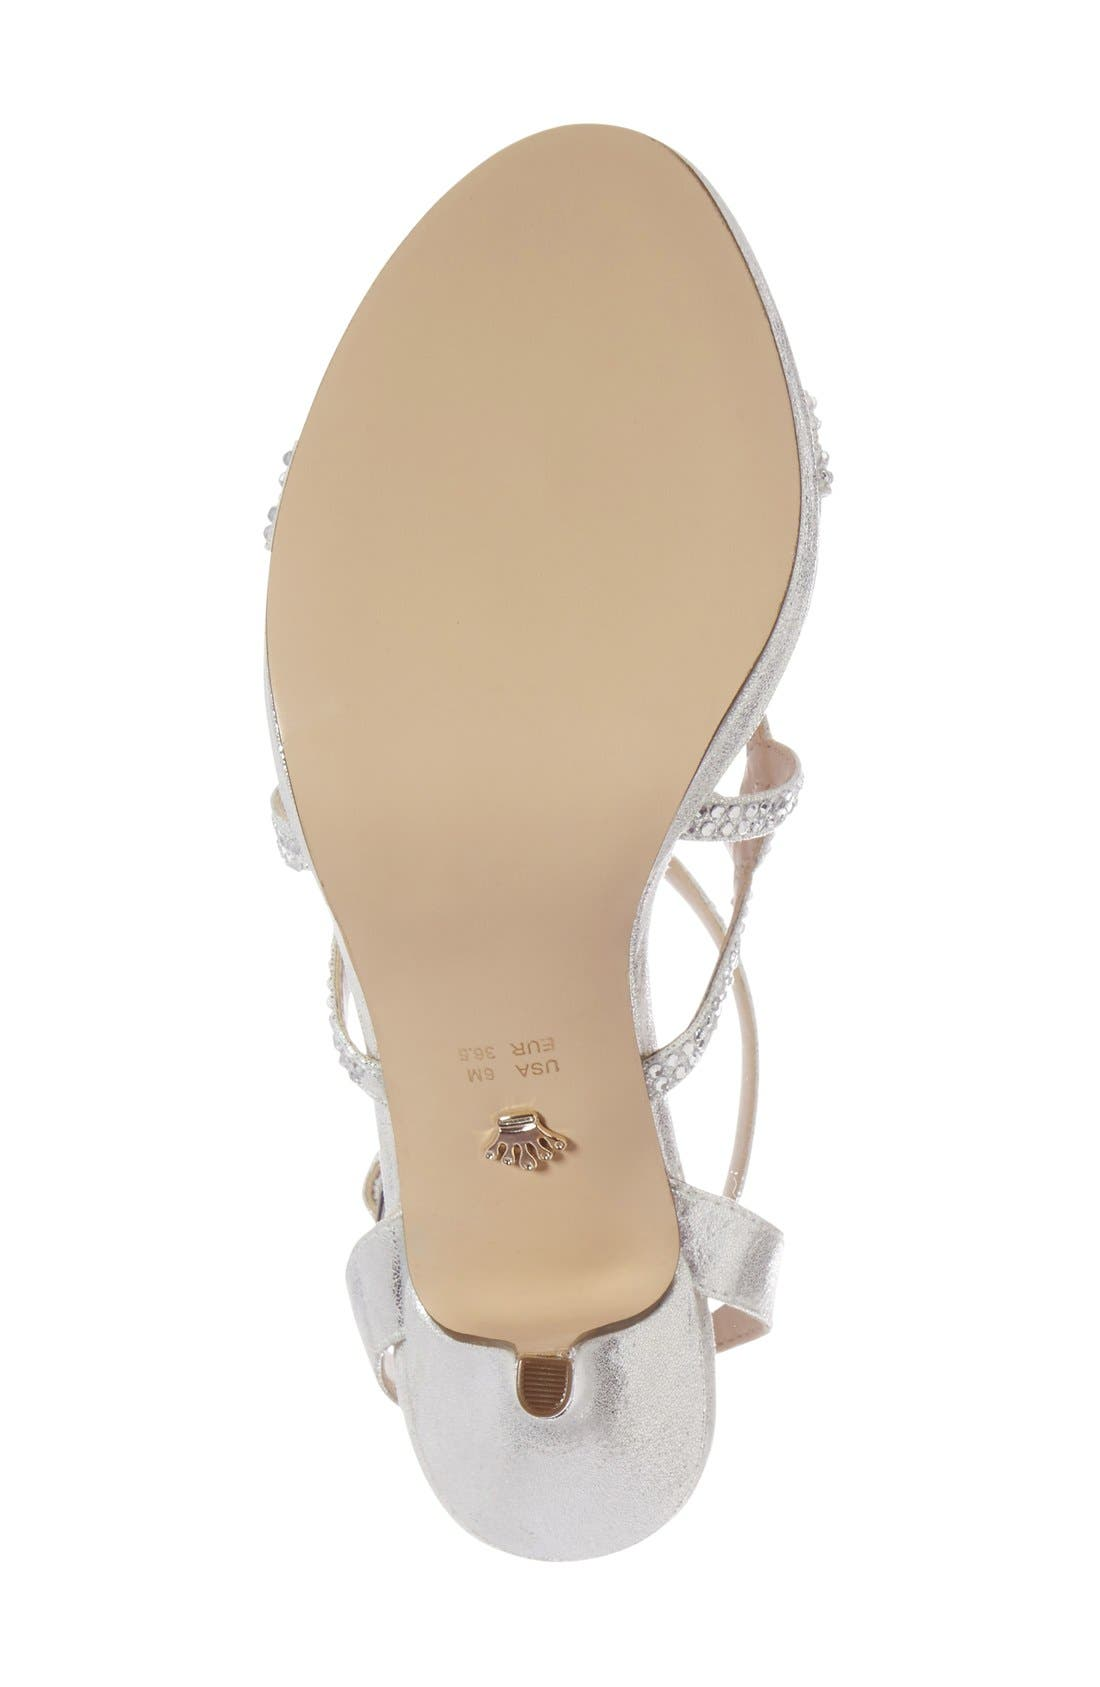 Varsha Crystal Embellished Evening Sandal,                             Alternate thumbnail 8, color,                             SILVER FAUX SUEDE